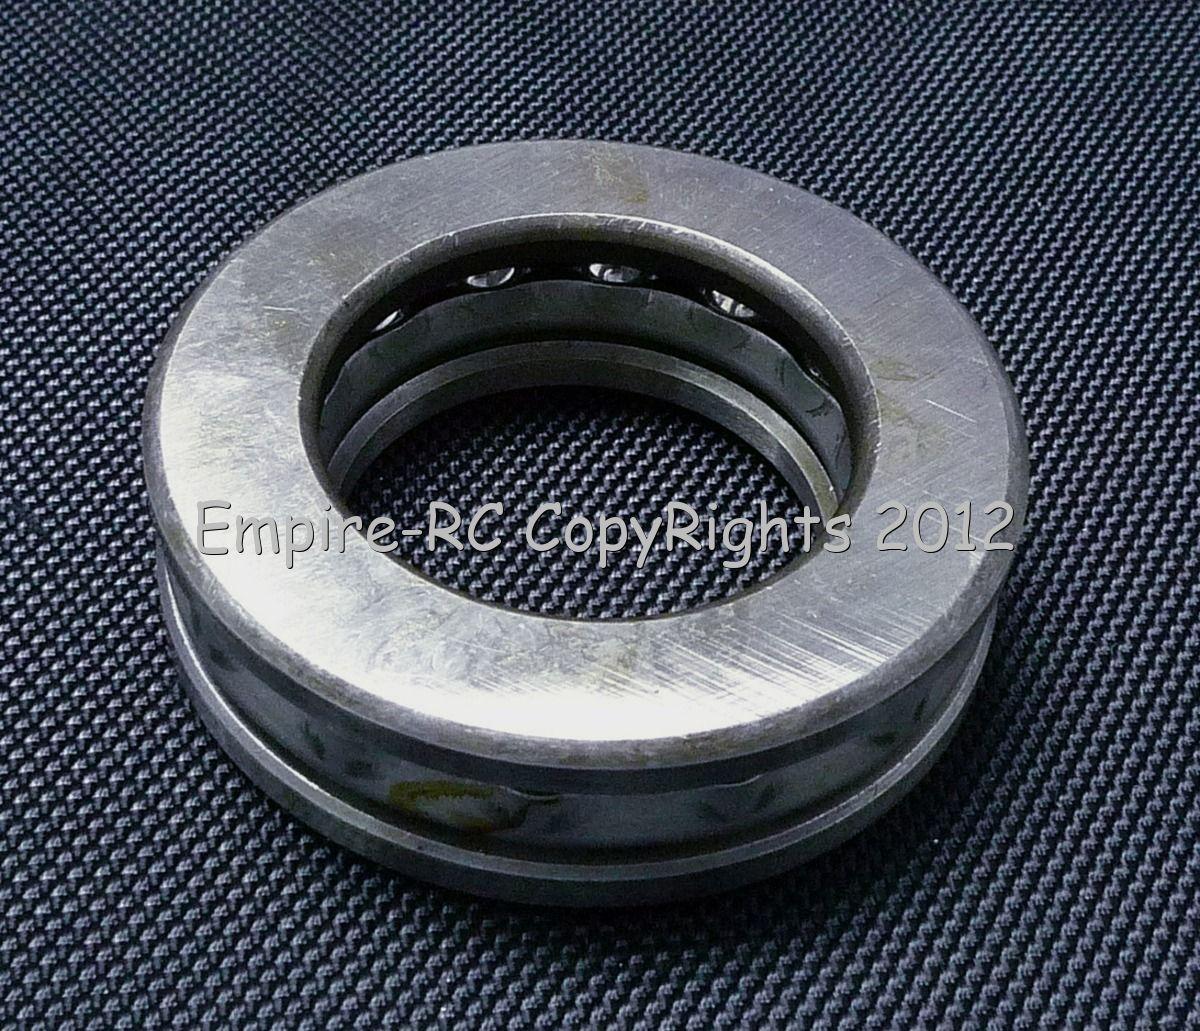 51220 100mm x 150mm x 38mm Axial Ball Thrust Bearing 1 PCS 100x150x38 mm